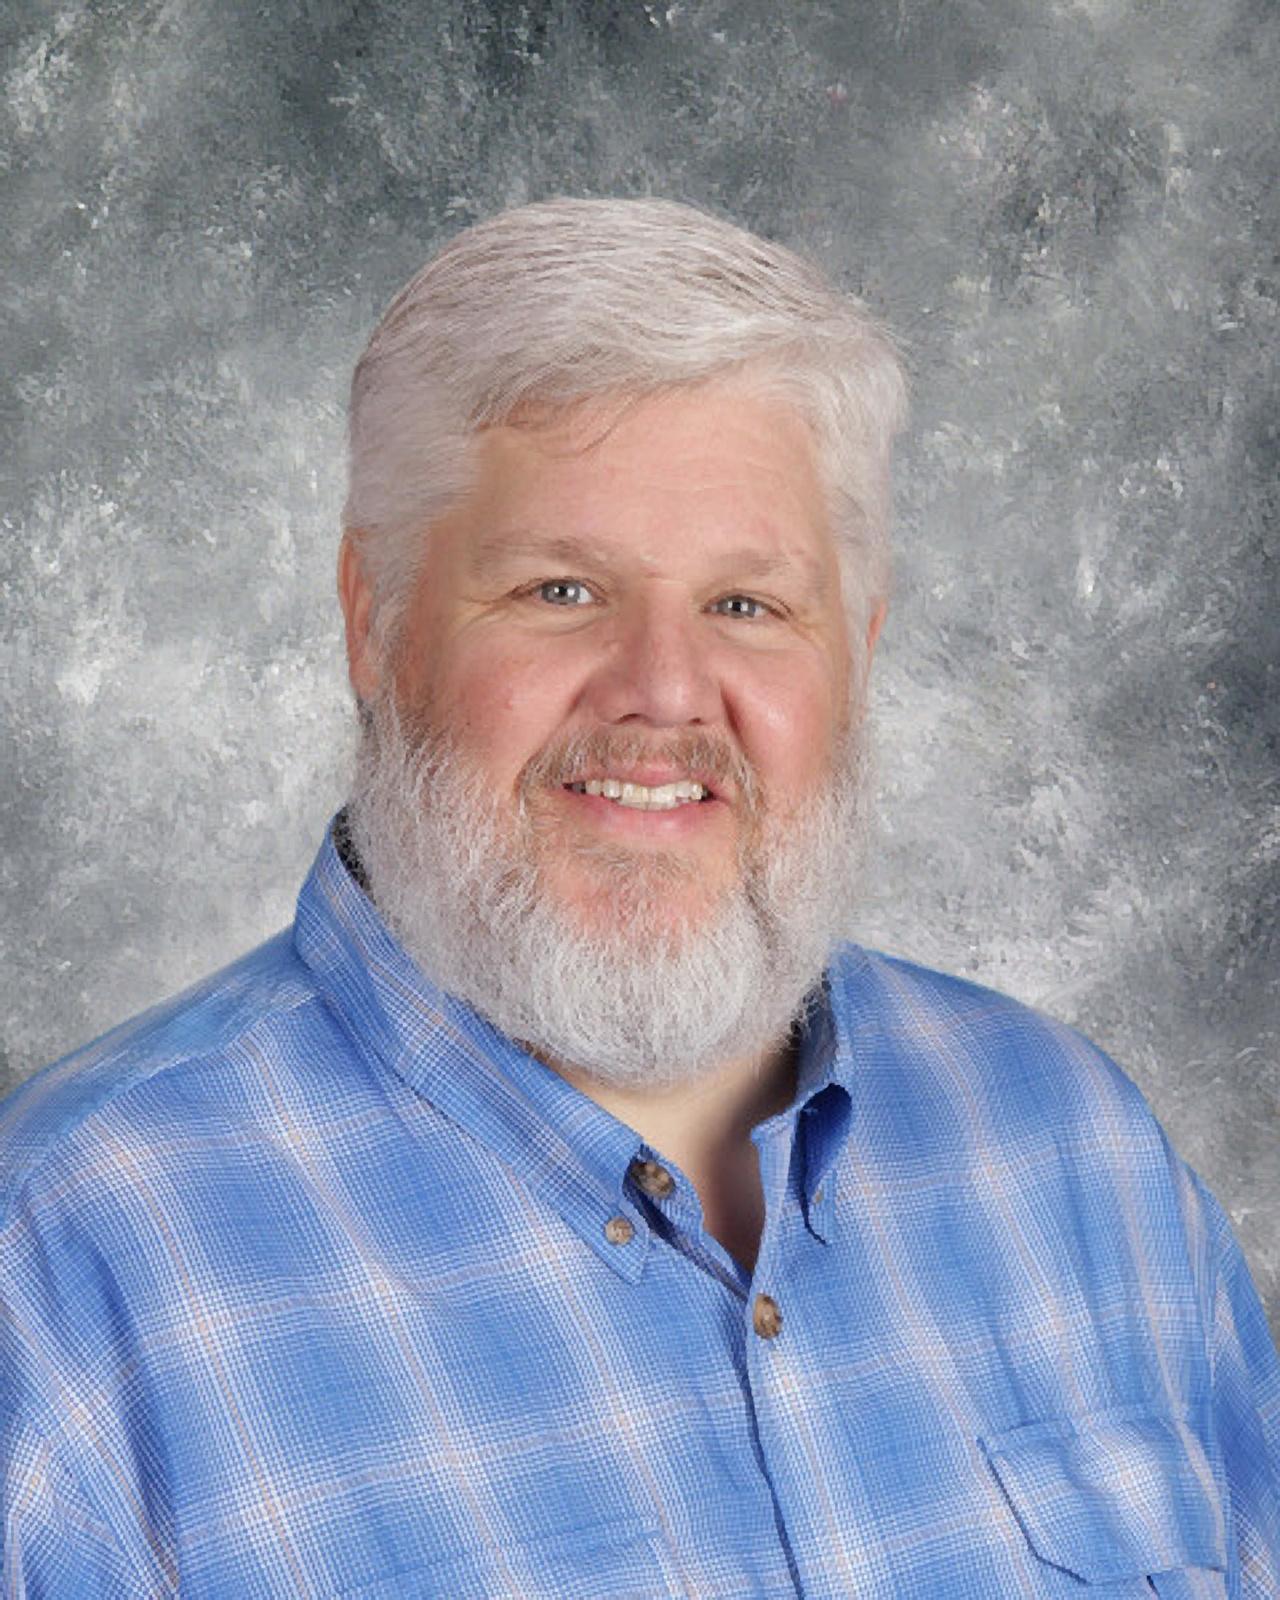 Kevin Wassenaar